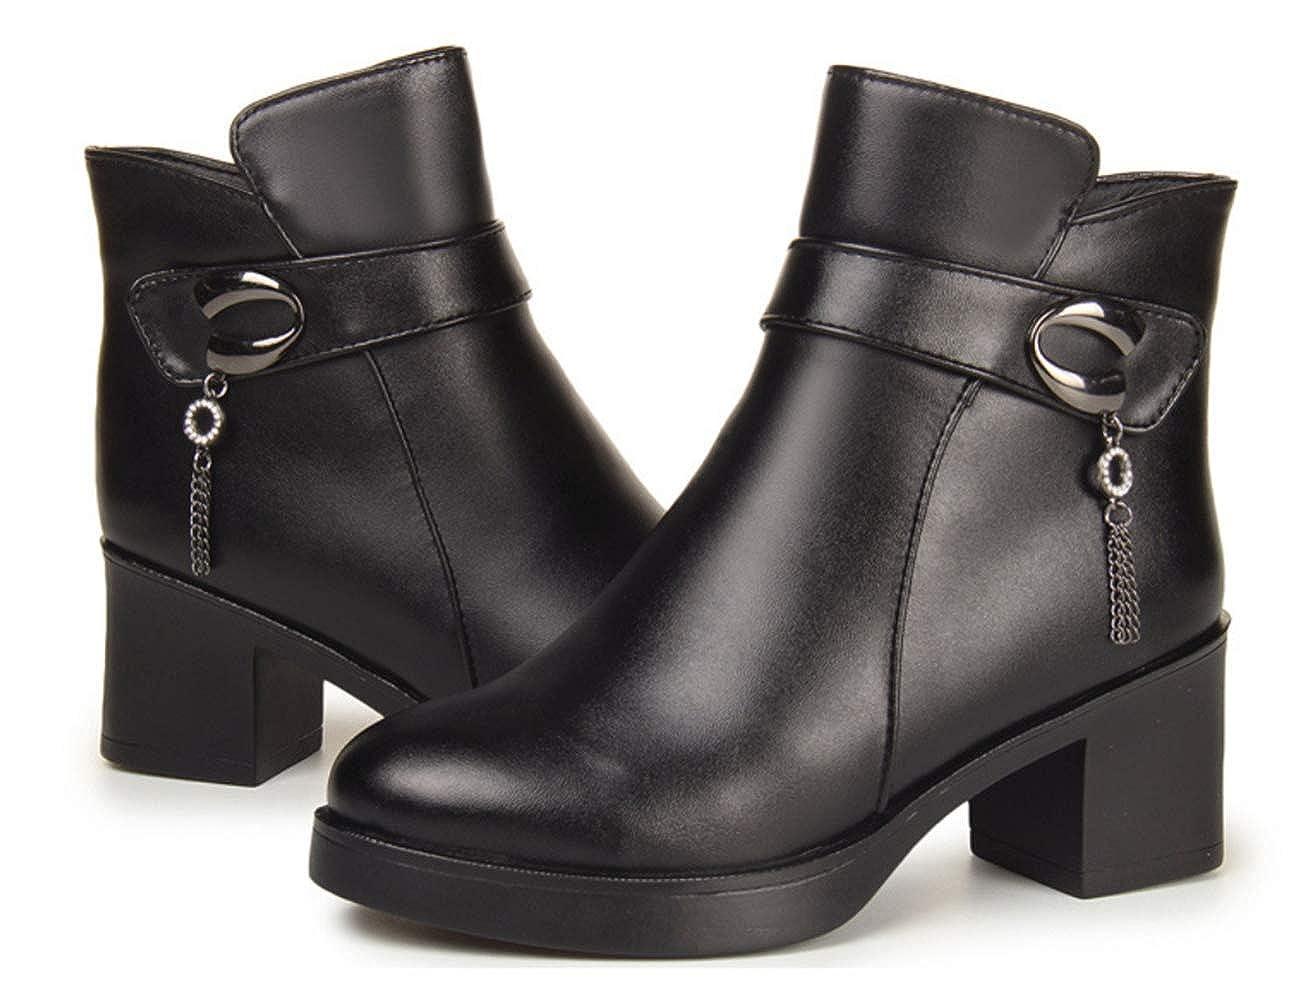 Shiney Damen Leder Stiefelies Plus Samt Samt Samt Baumwolle Schuhe Wolle Stiefel Chunky Heel d1307f